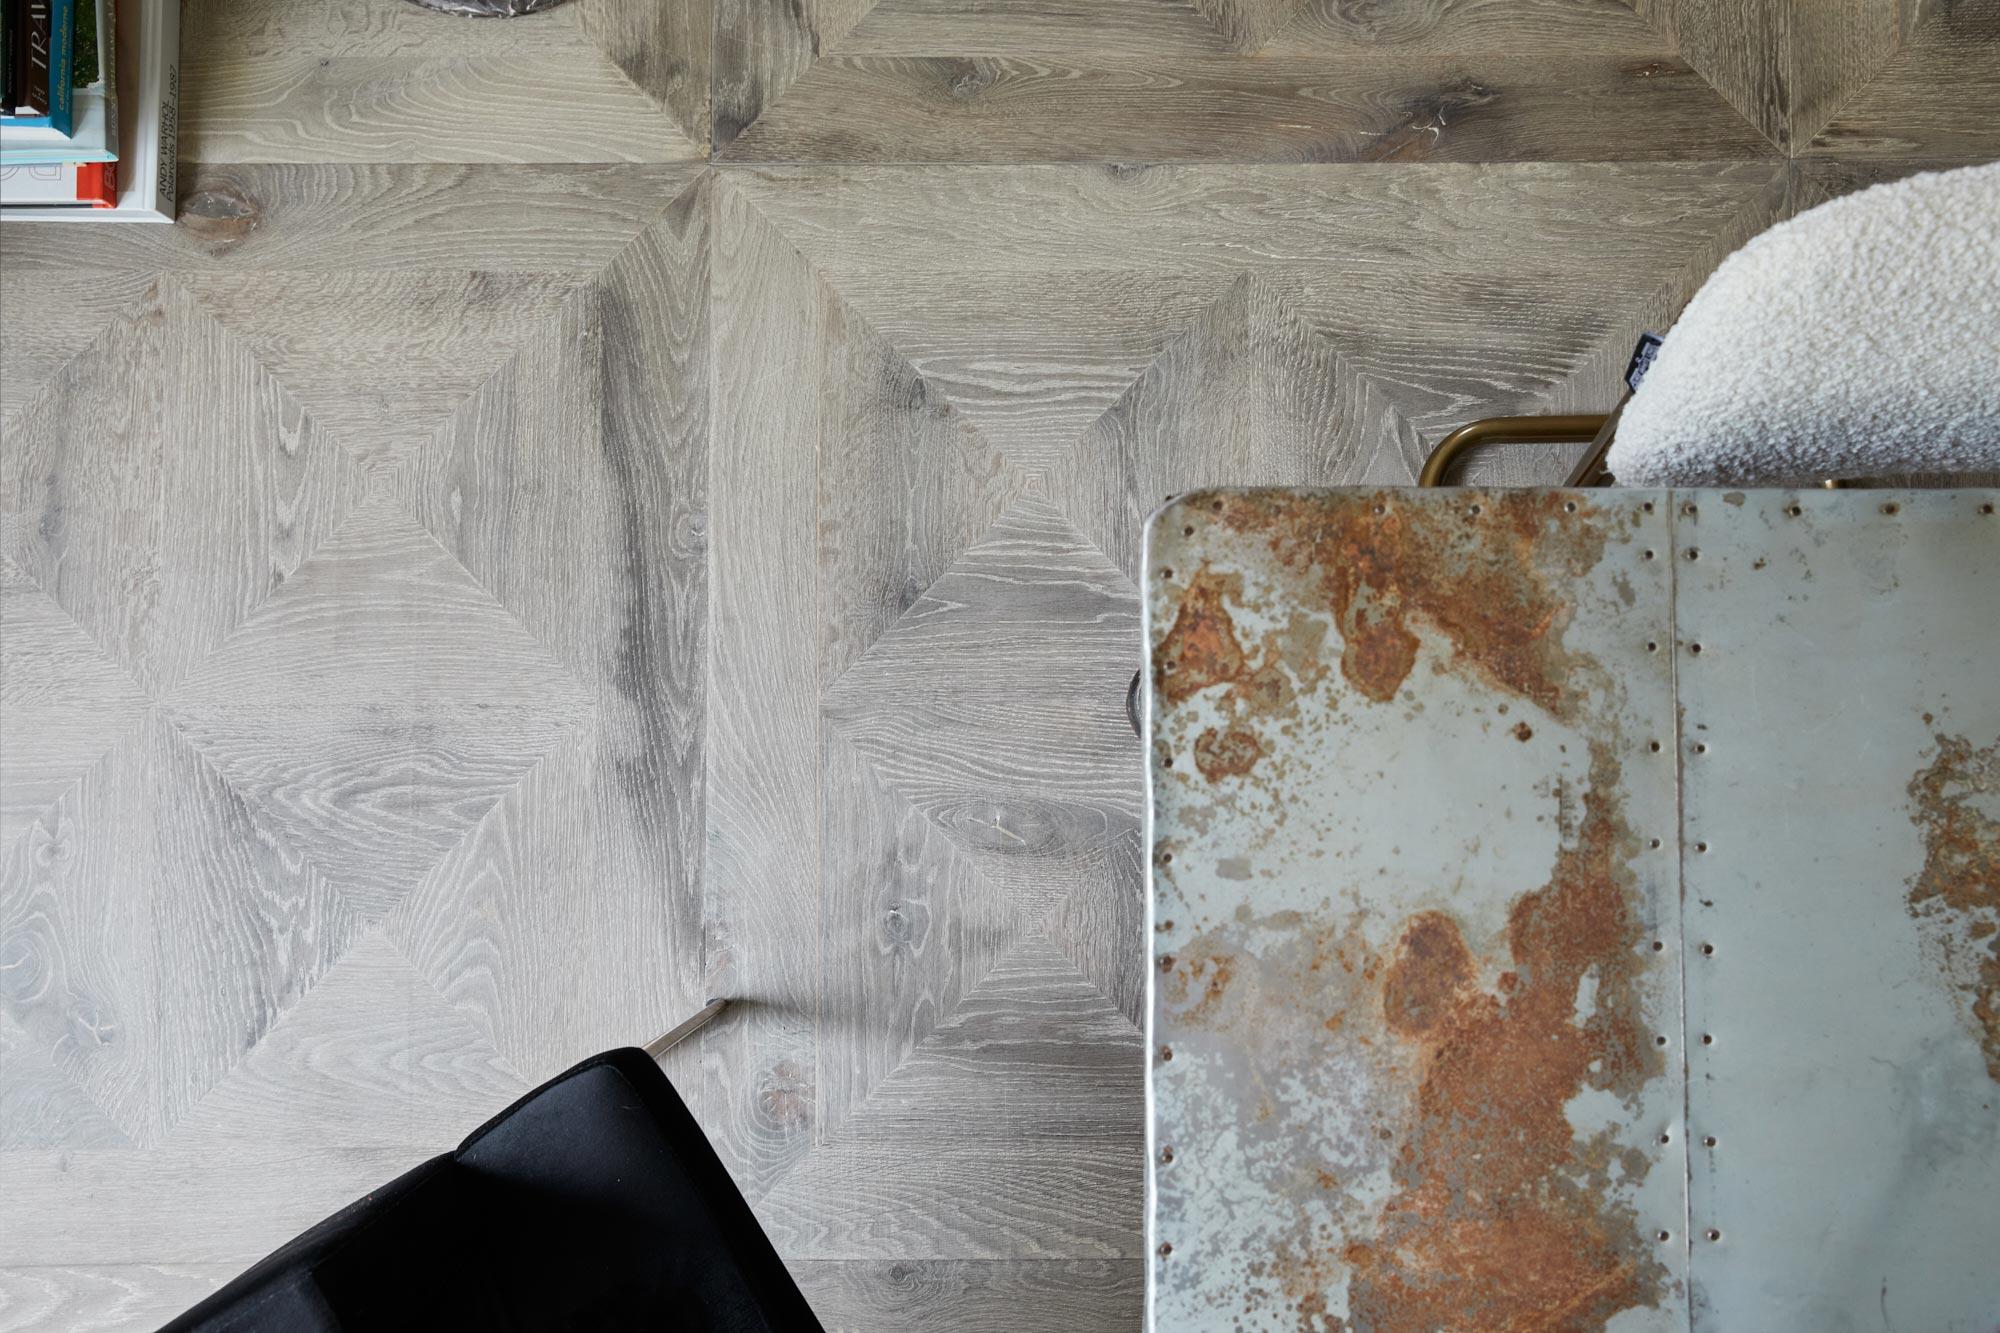 Reclaimed grey oak floor boards